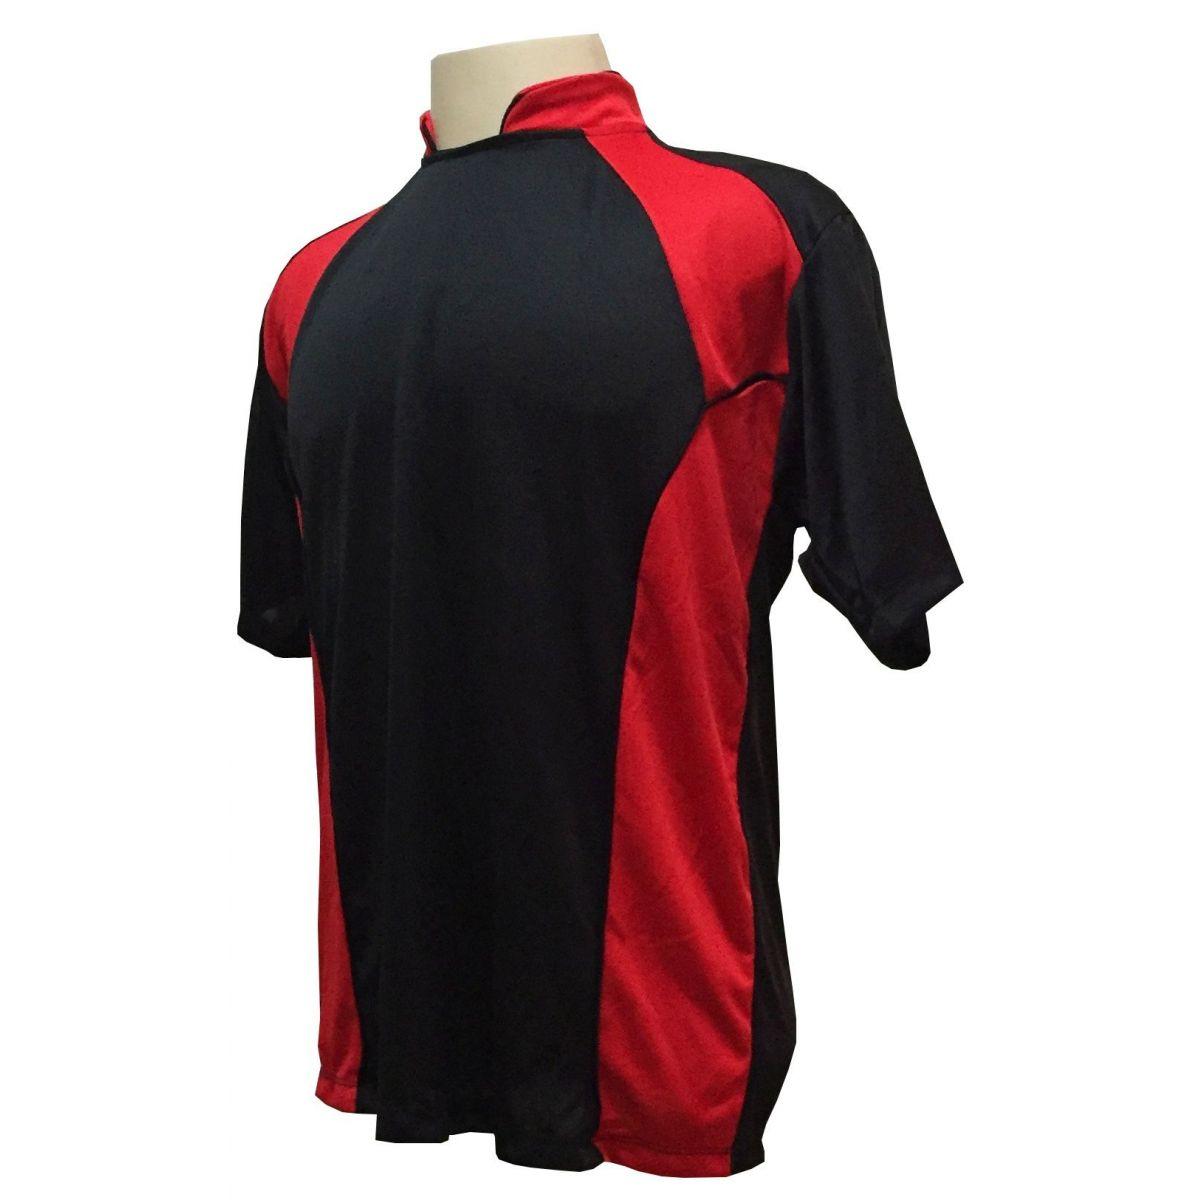 Uniforme Esportivo com 14 camisas modelo Suécia Preto/Vermelho + 14 calções modelo Madrid Preto + 14 pares de meiões Vermelho